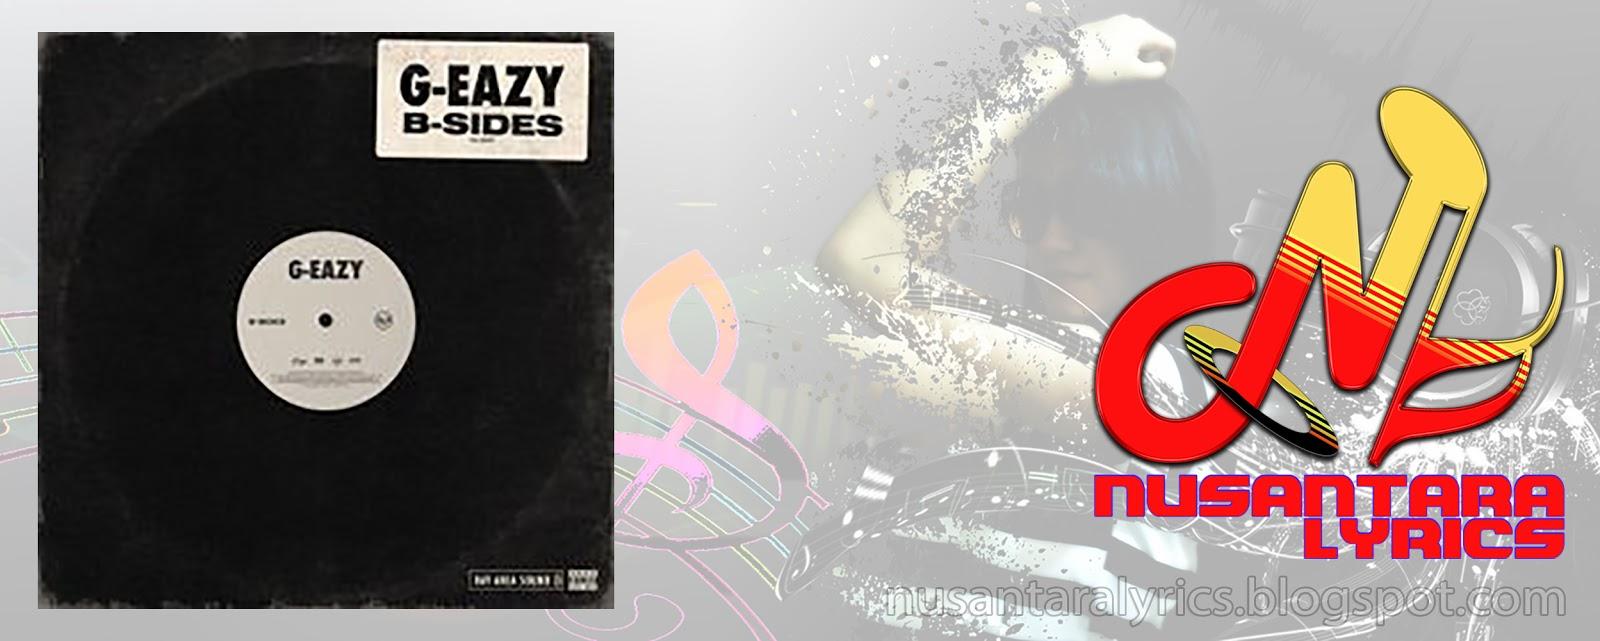 Album G-Eazy - B-Sides (2019) - Nusantara Lyrics